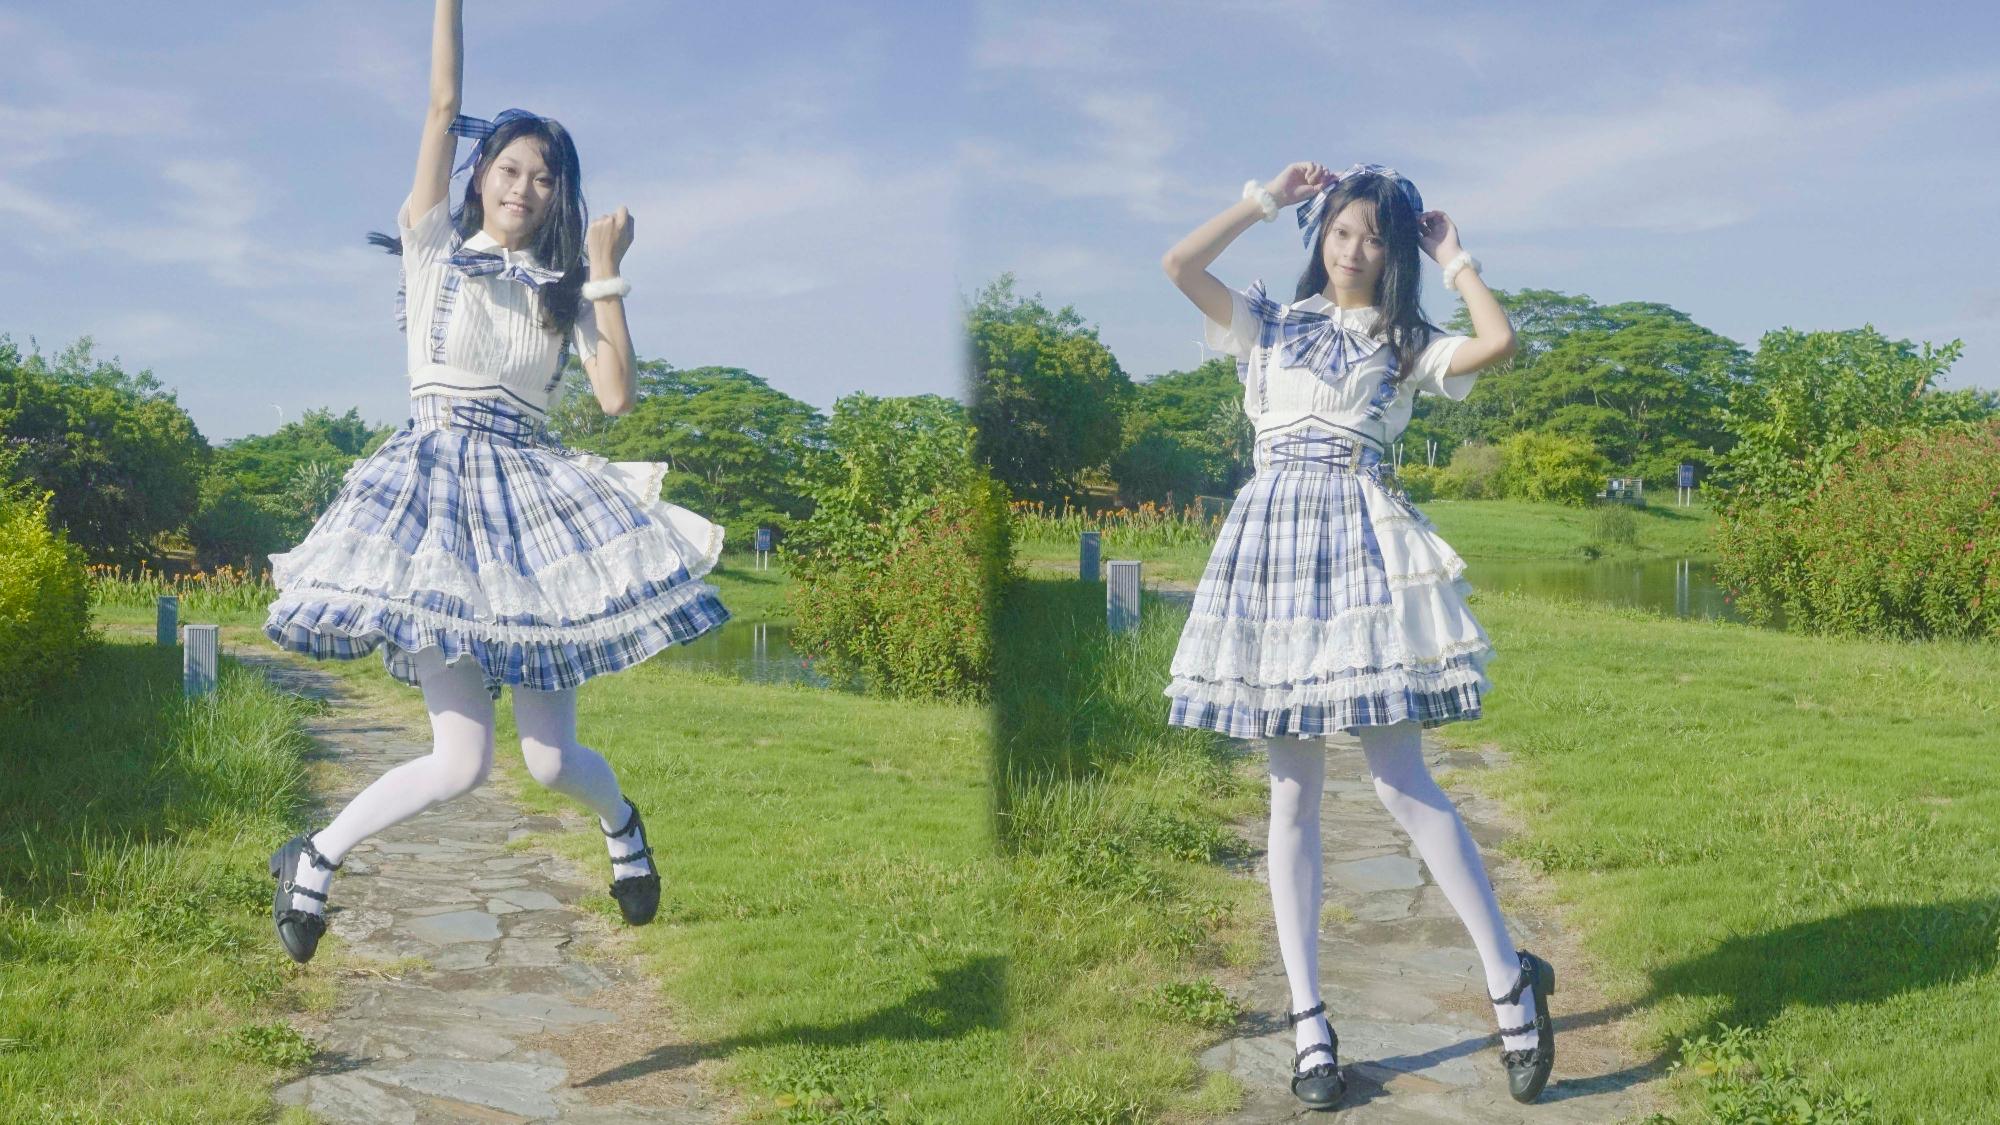 【巨人璇】持续的爱恋☆请让我一直喜欢你!日语版【AKB48第56单】